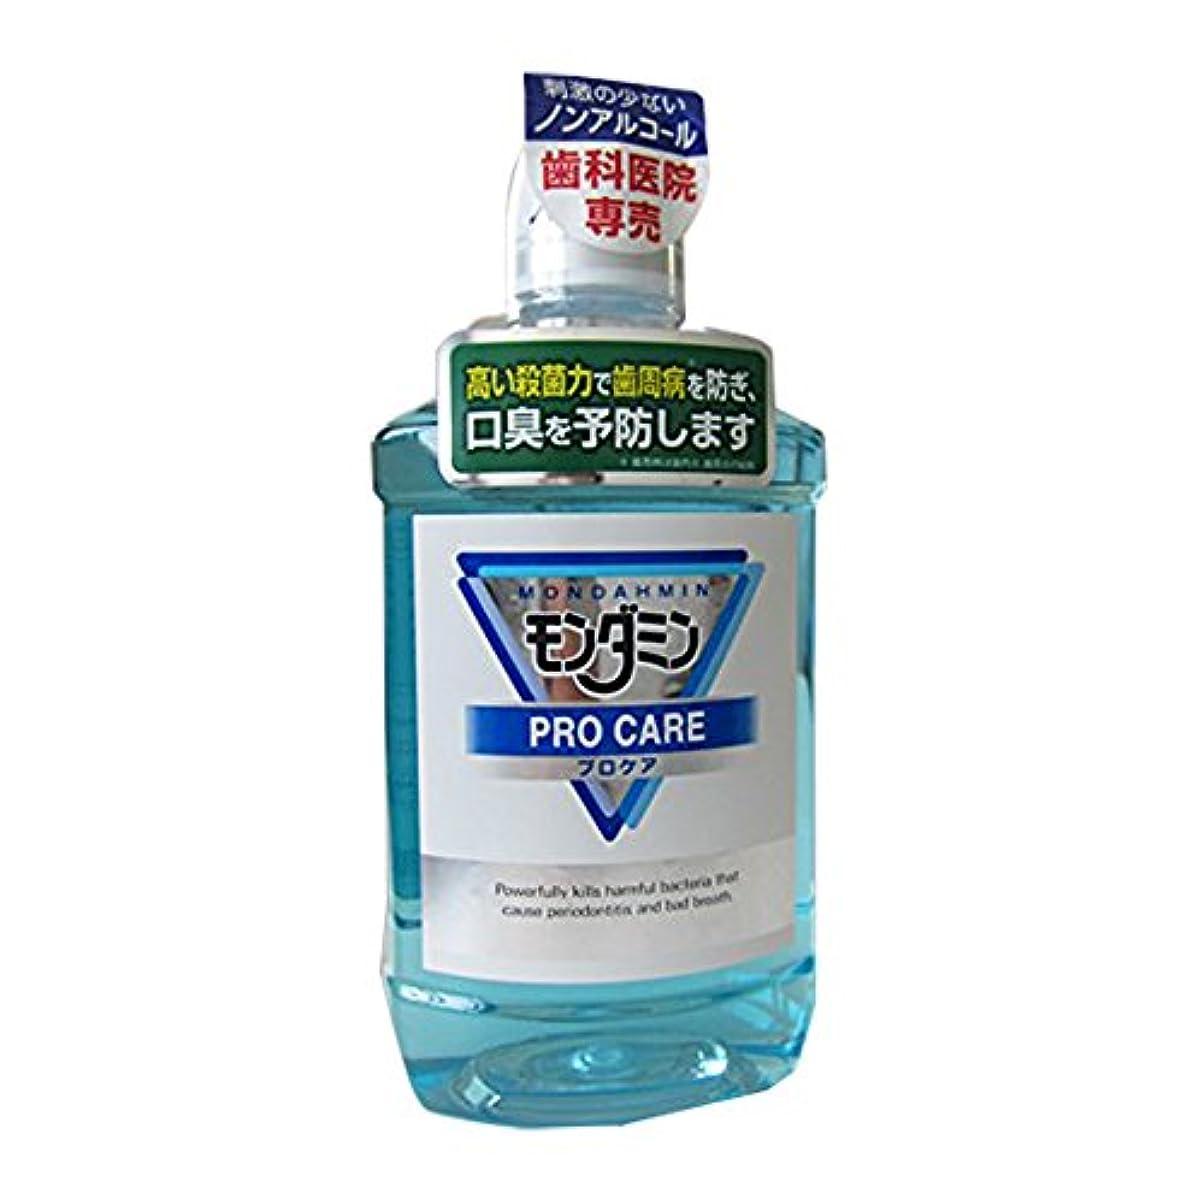 購入受取人無秩序モンダミン モンダミン プロケア 1000ml ボトル 液体歯磨き単品